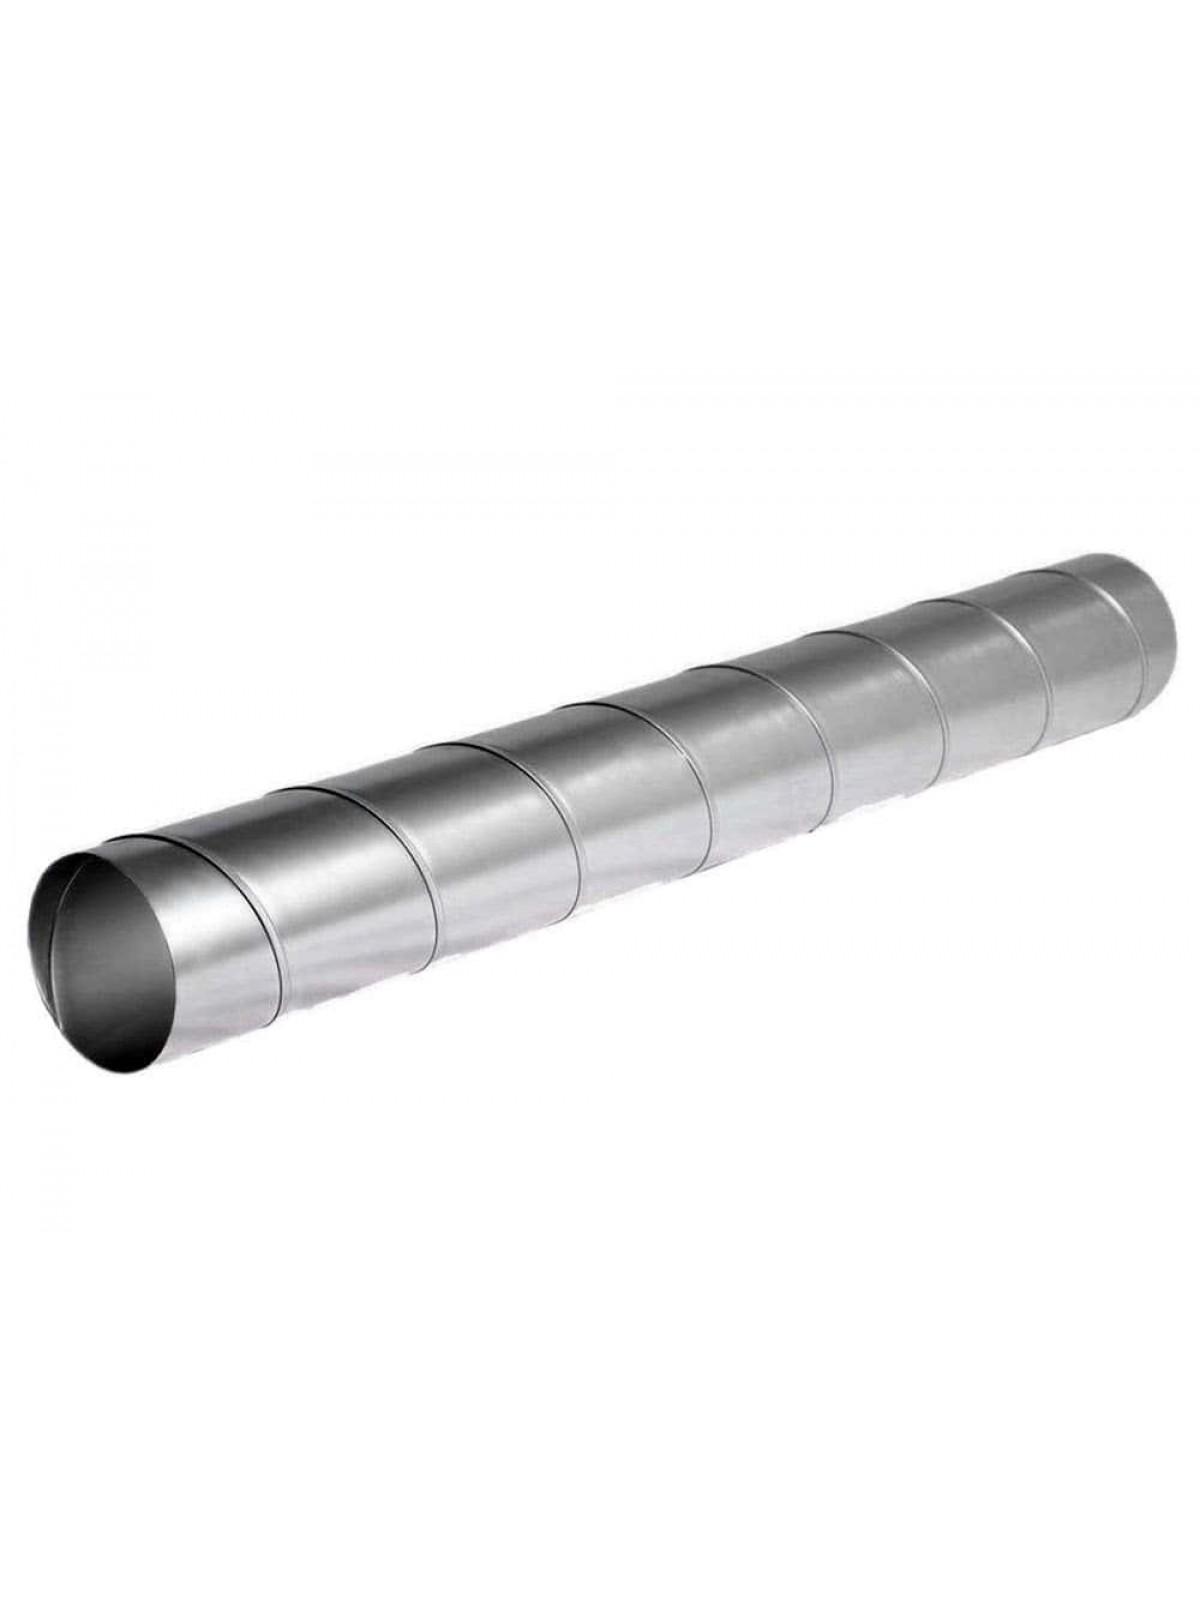 Монтаж воздуховодов оцинкованных круглых диаметром 100 мм